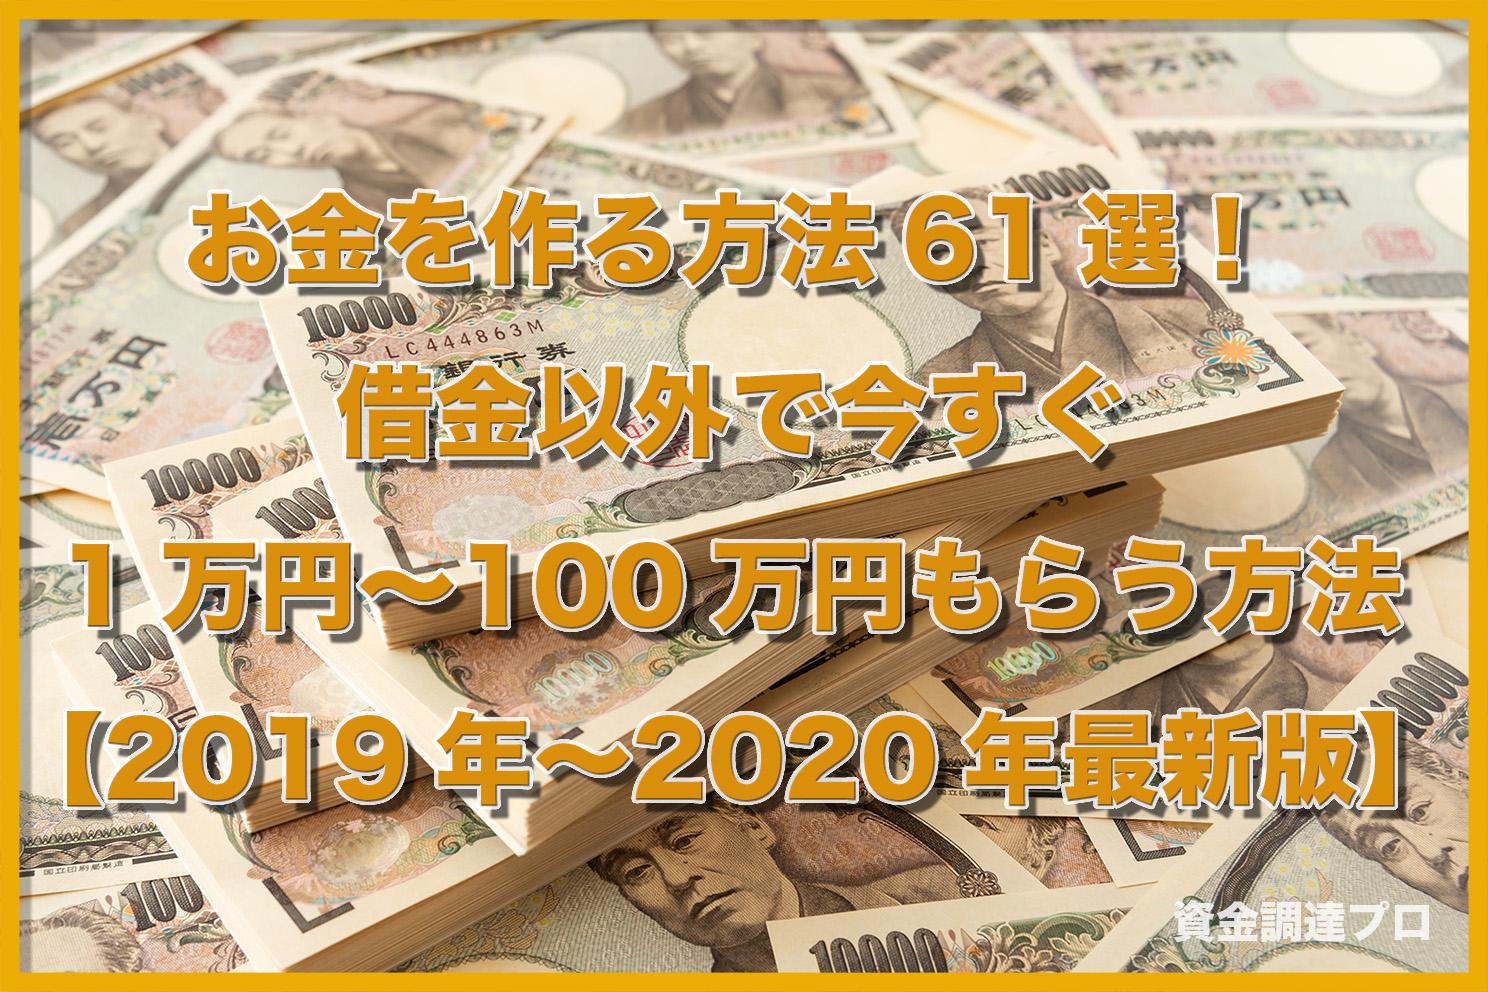 お金を作る方法35選!借金以外で今すぐ1万円〜100万円もらう方法